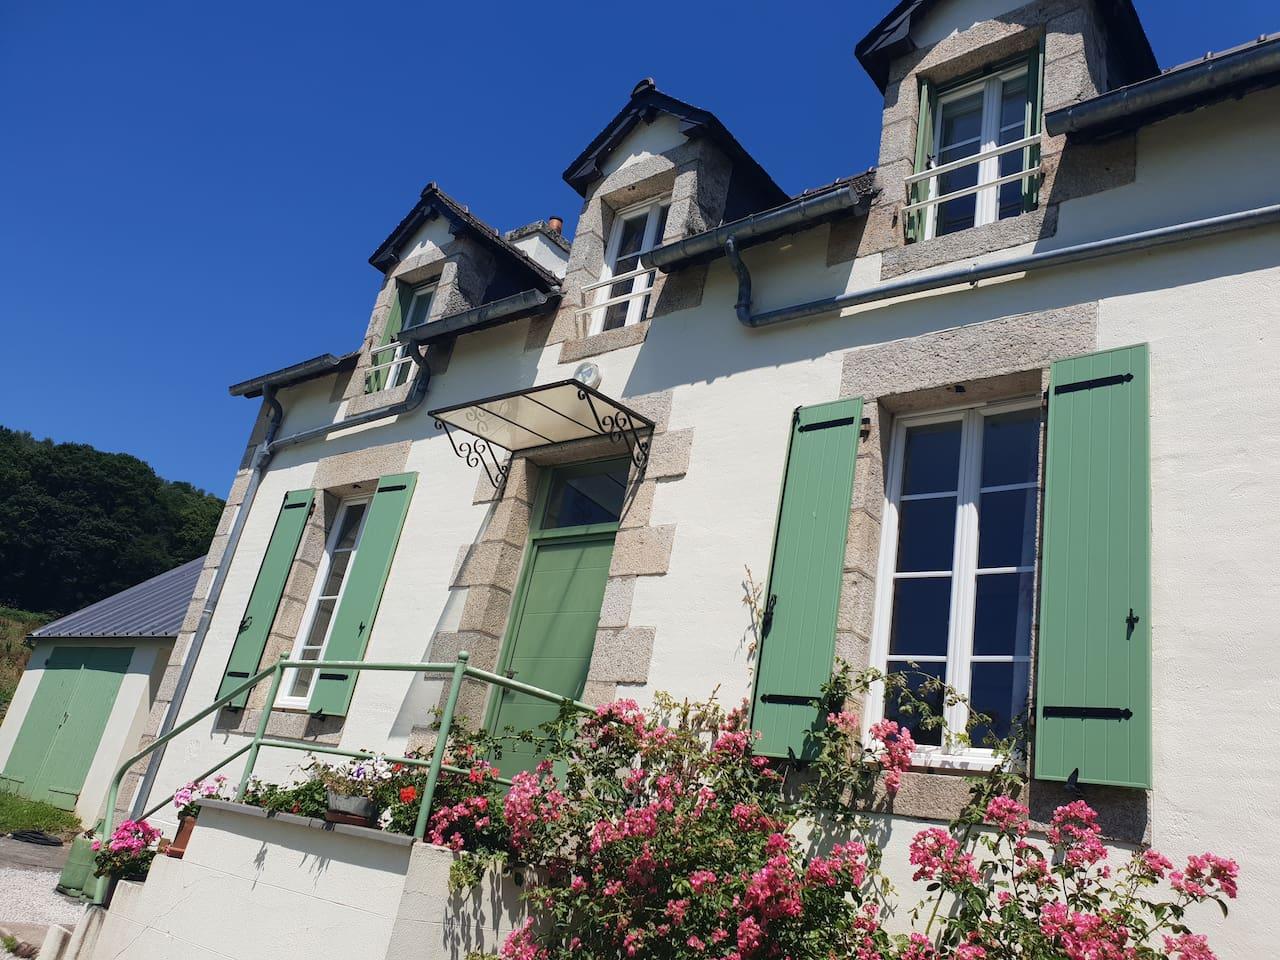 Ty Lodge, au cœur de la Bretagne, découvrez le patrimoine naturel et historique.